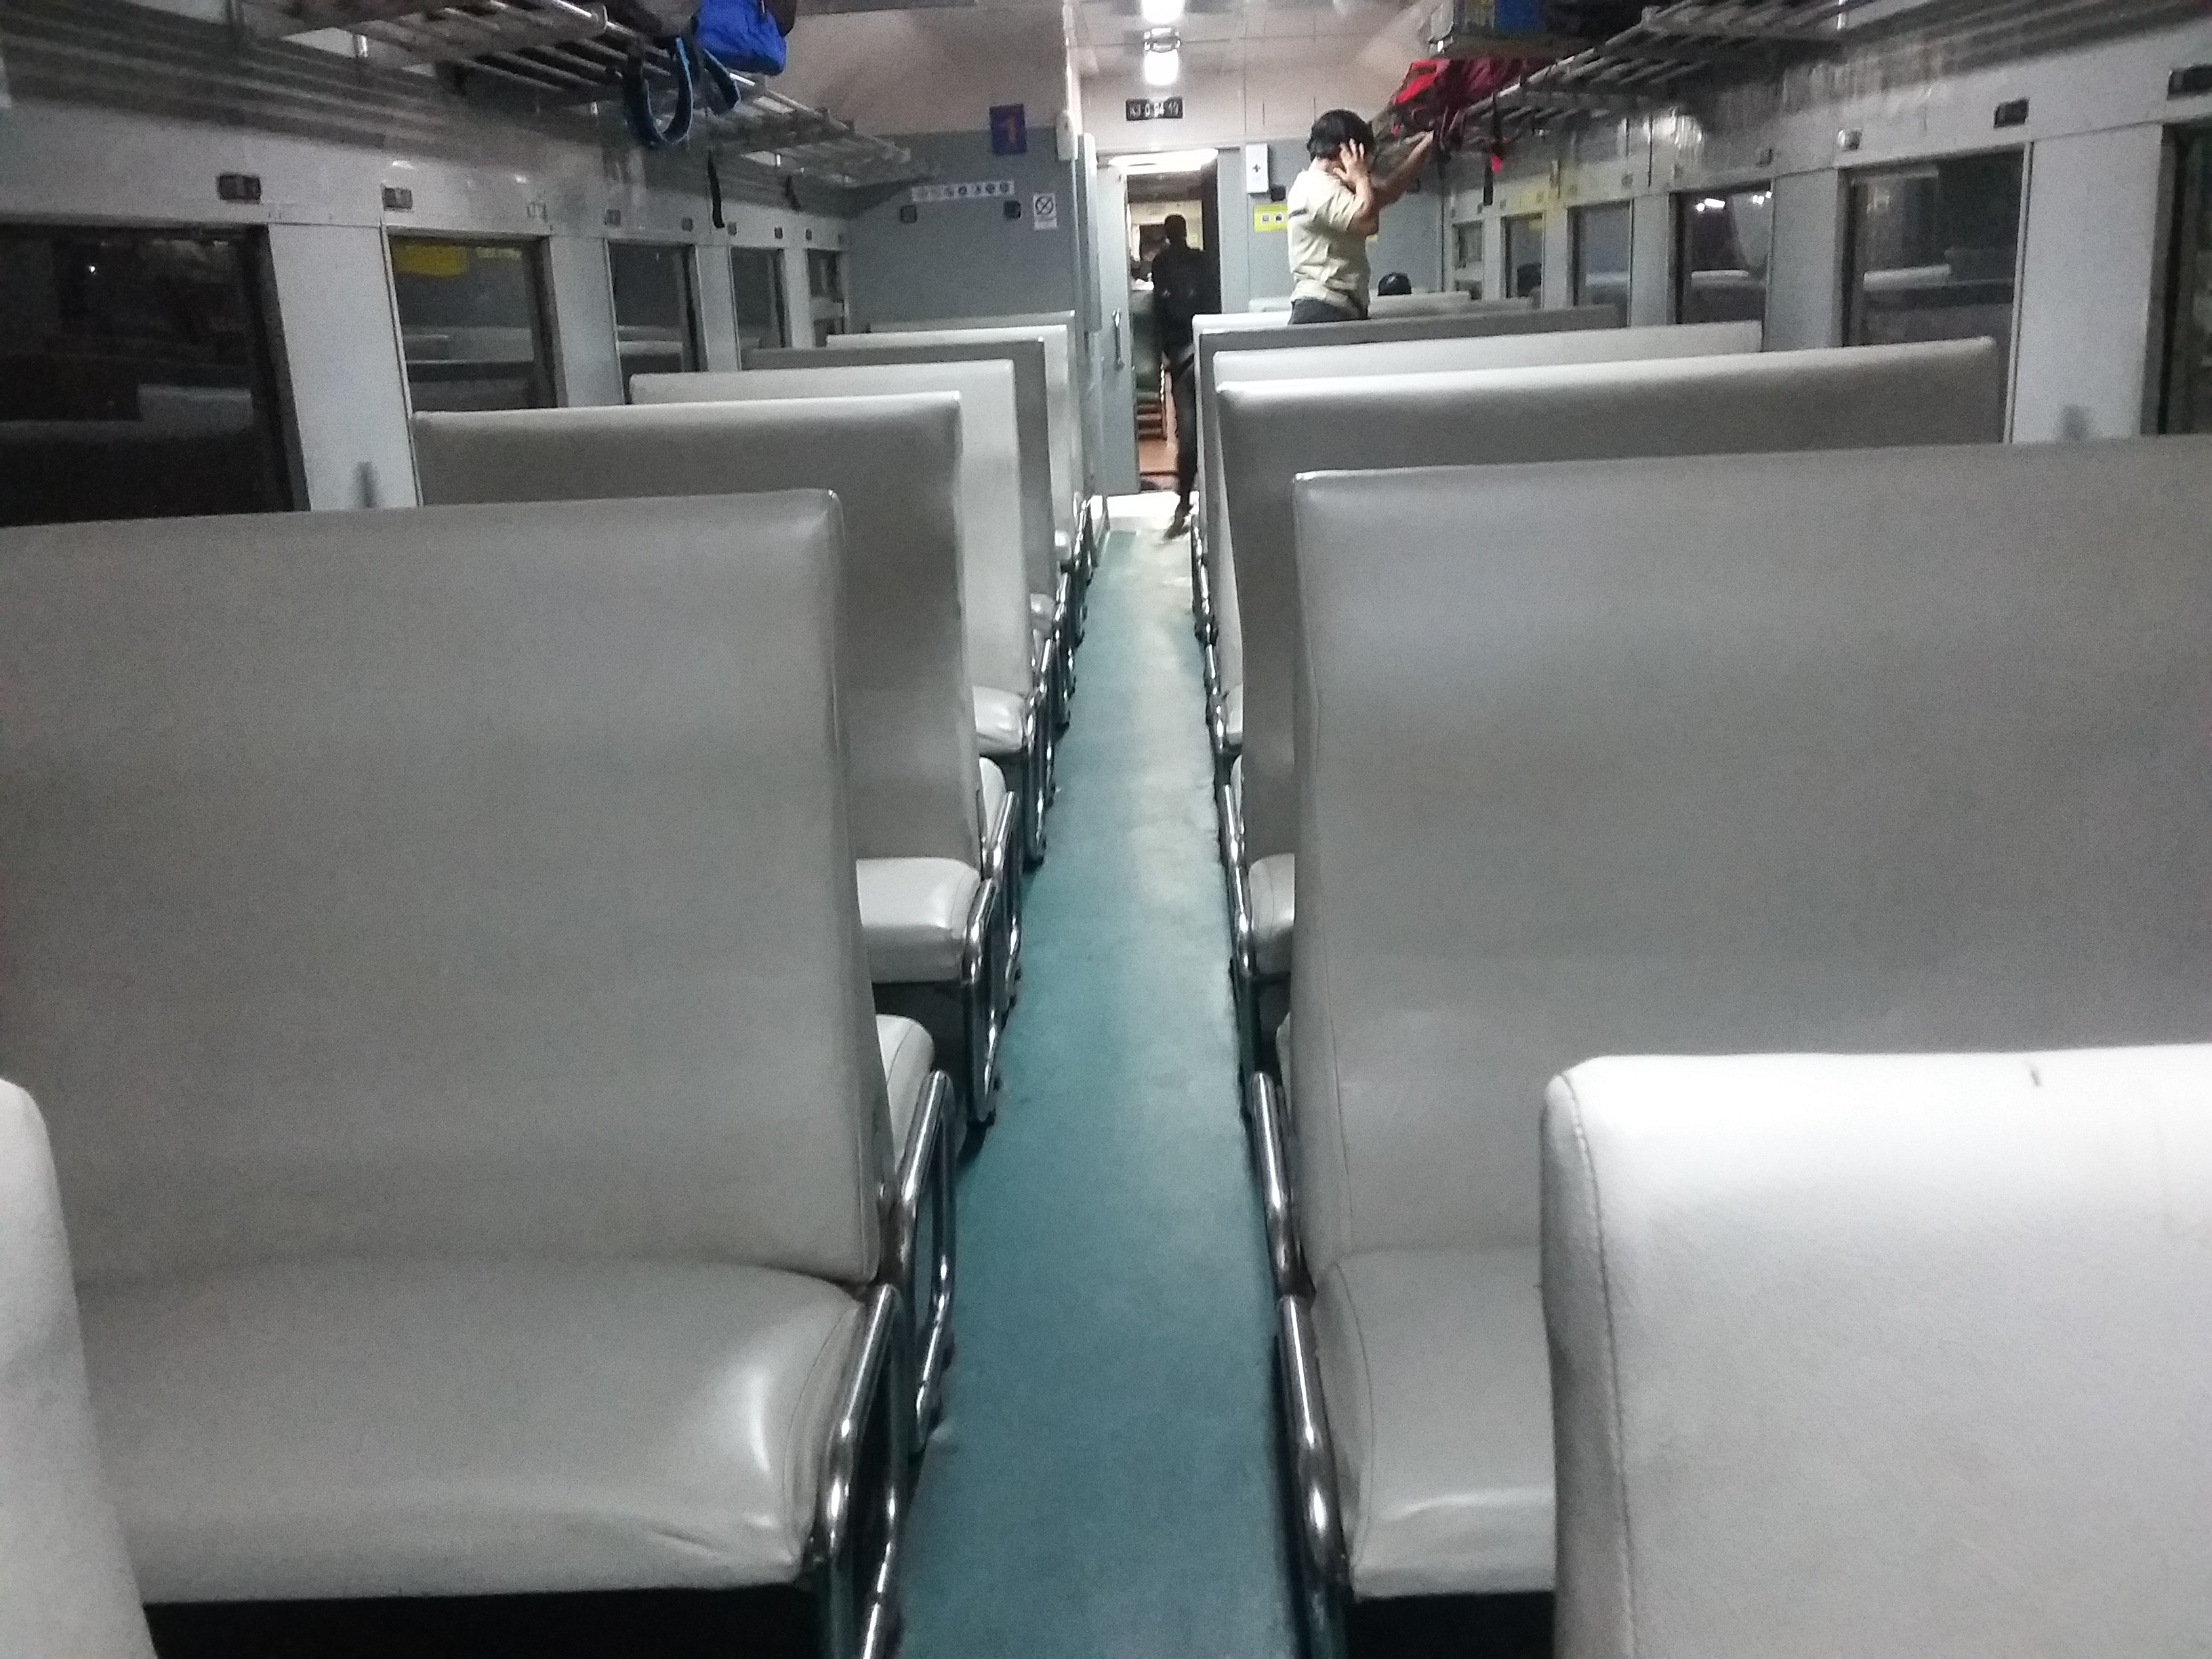 Tiket Kereta Jakarta Jogja Kelas Bisnis Lebaran Rr